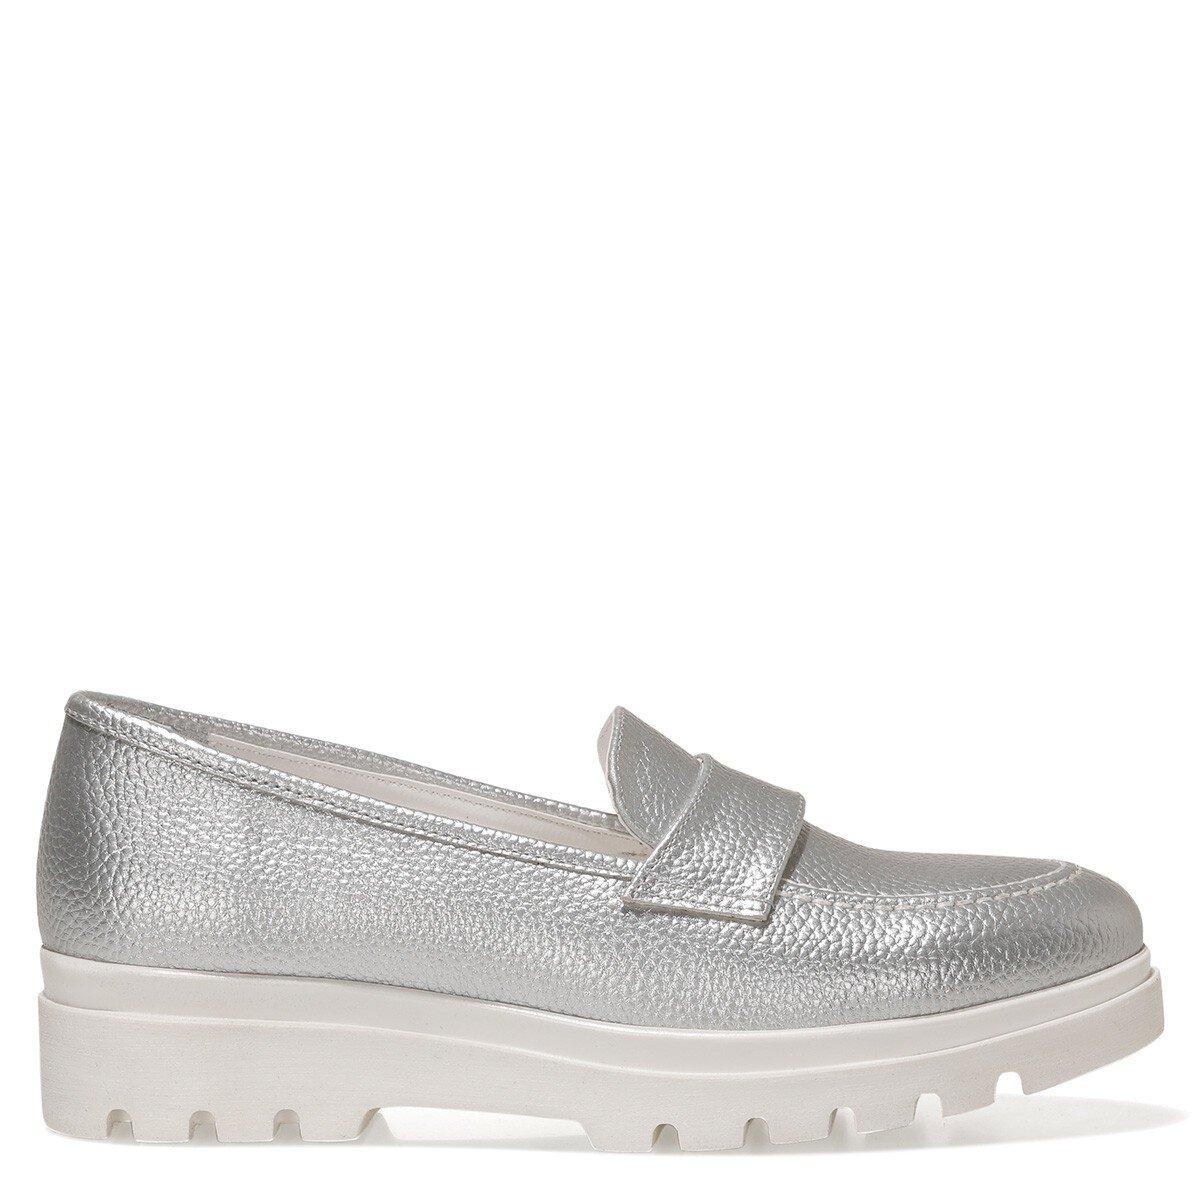 PIPER 1FX Gümüş Kadın Loafer Ayakkabı